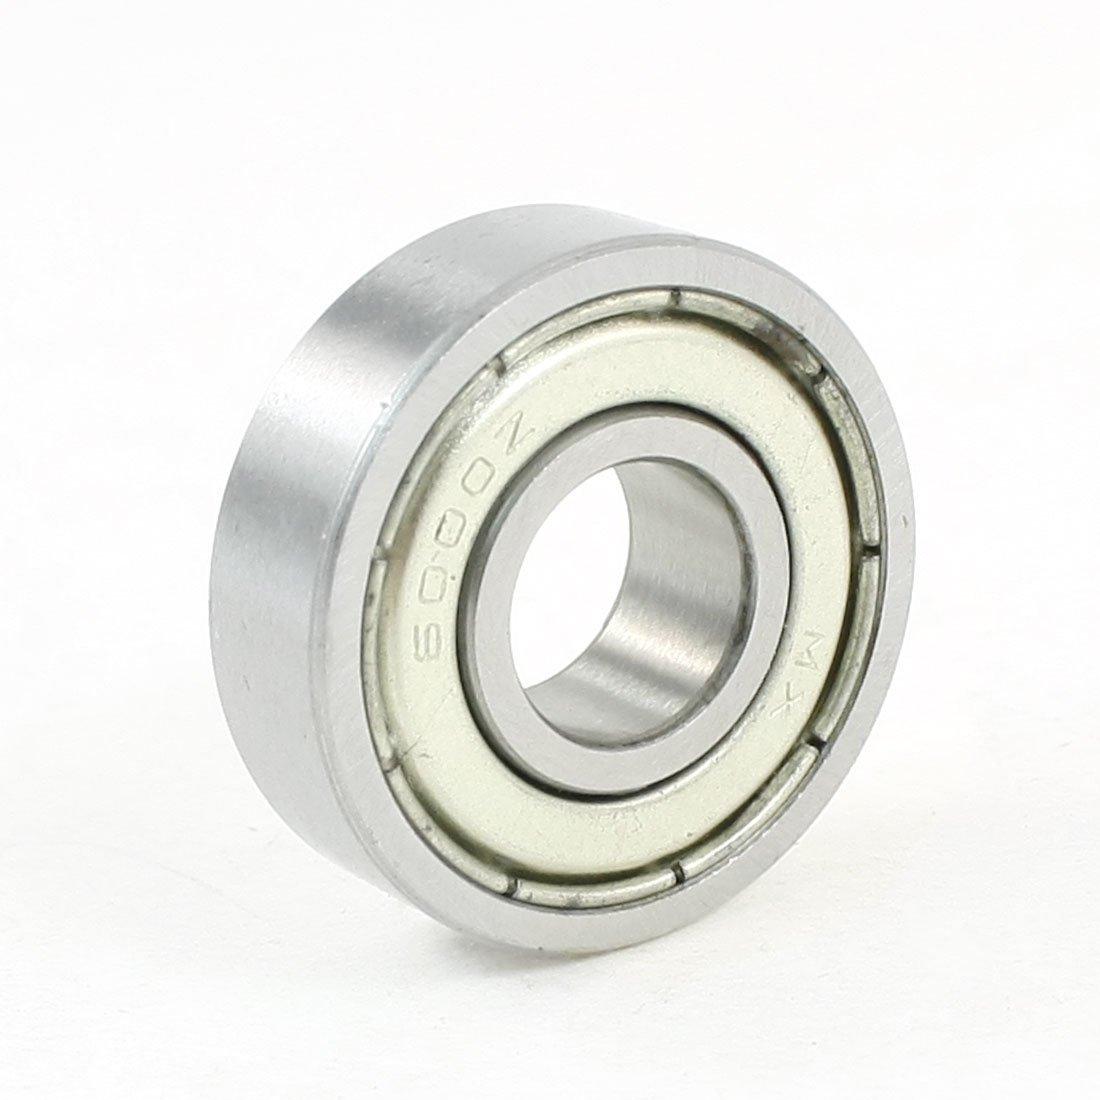 10 mm/26/8 mm, con cuscinetto a sfere sigillato Deep 6000Z Groove Sourcingmap A13110600UX0462